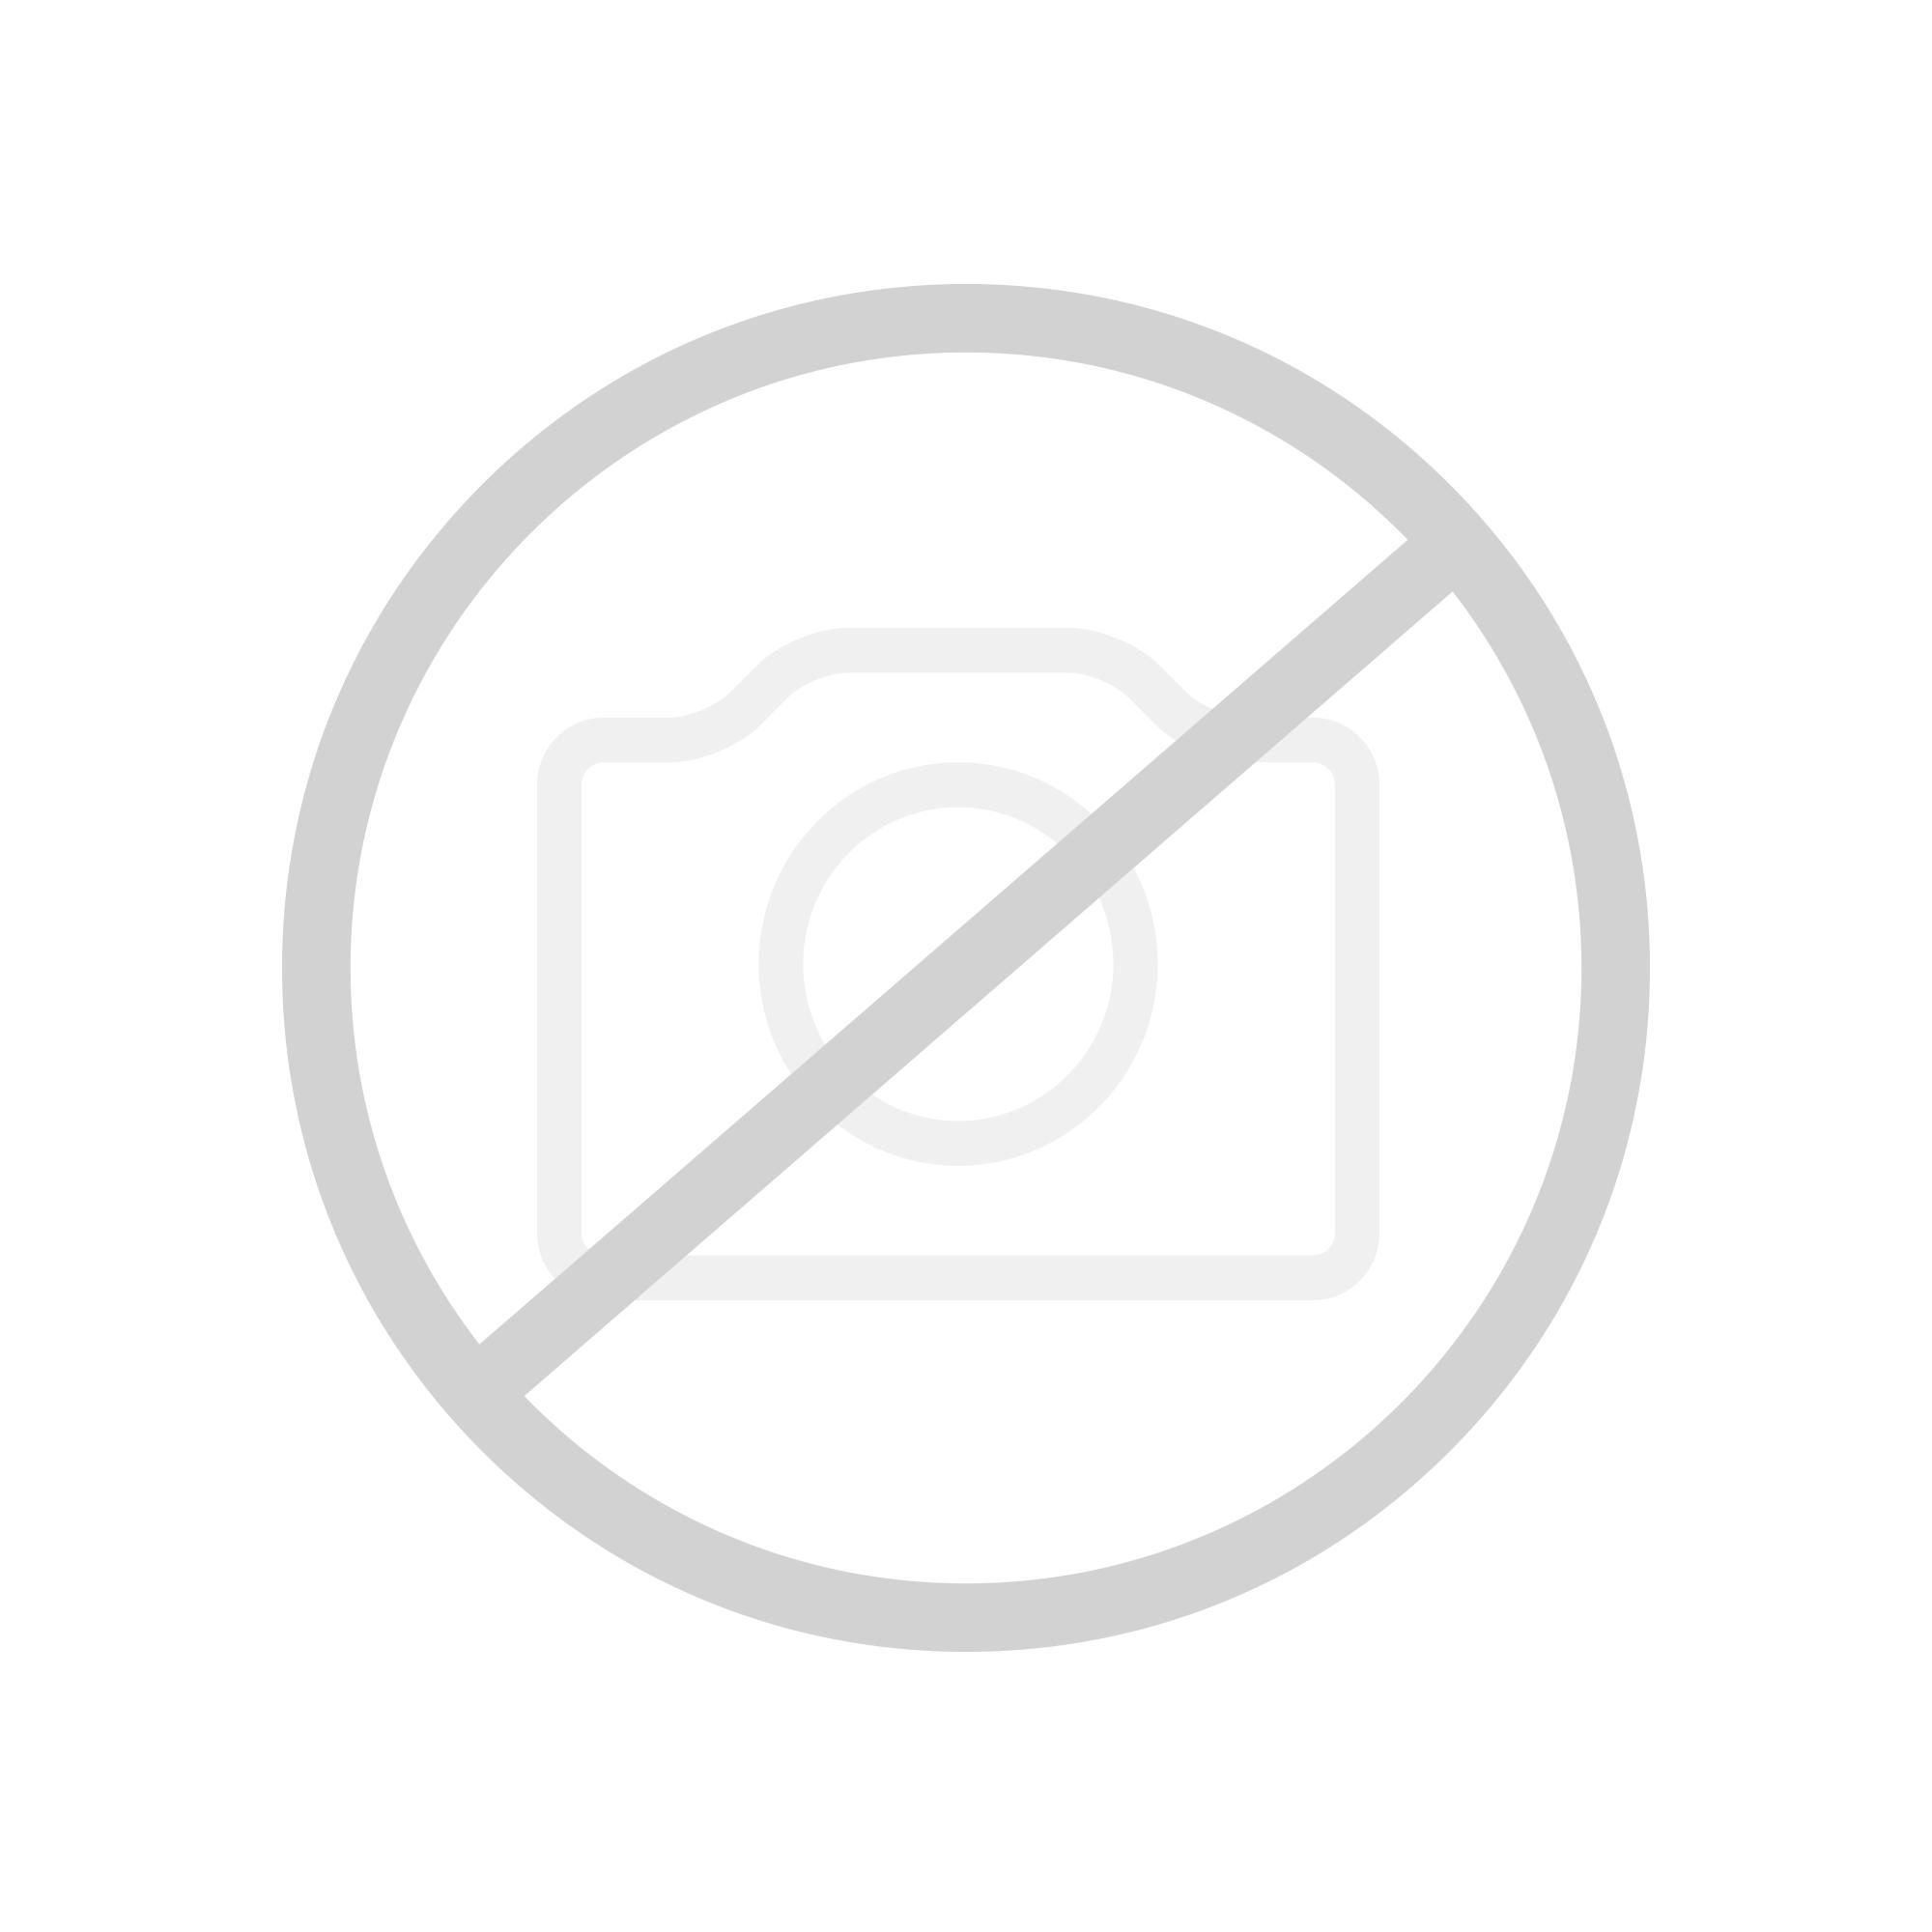 Innovativ Geberit Sigma01 Betätigungsplatte für 2-Mengen-Spülung weiß  FS15